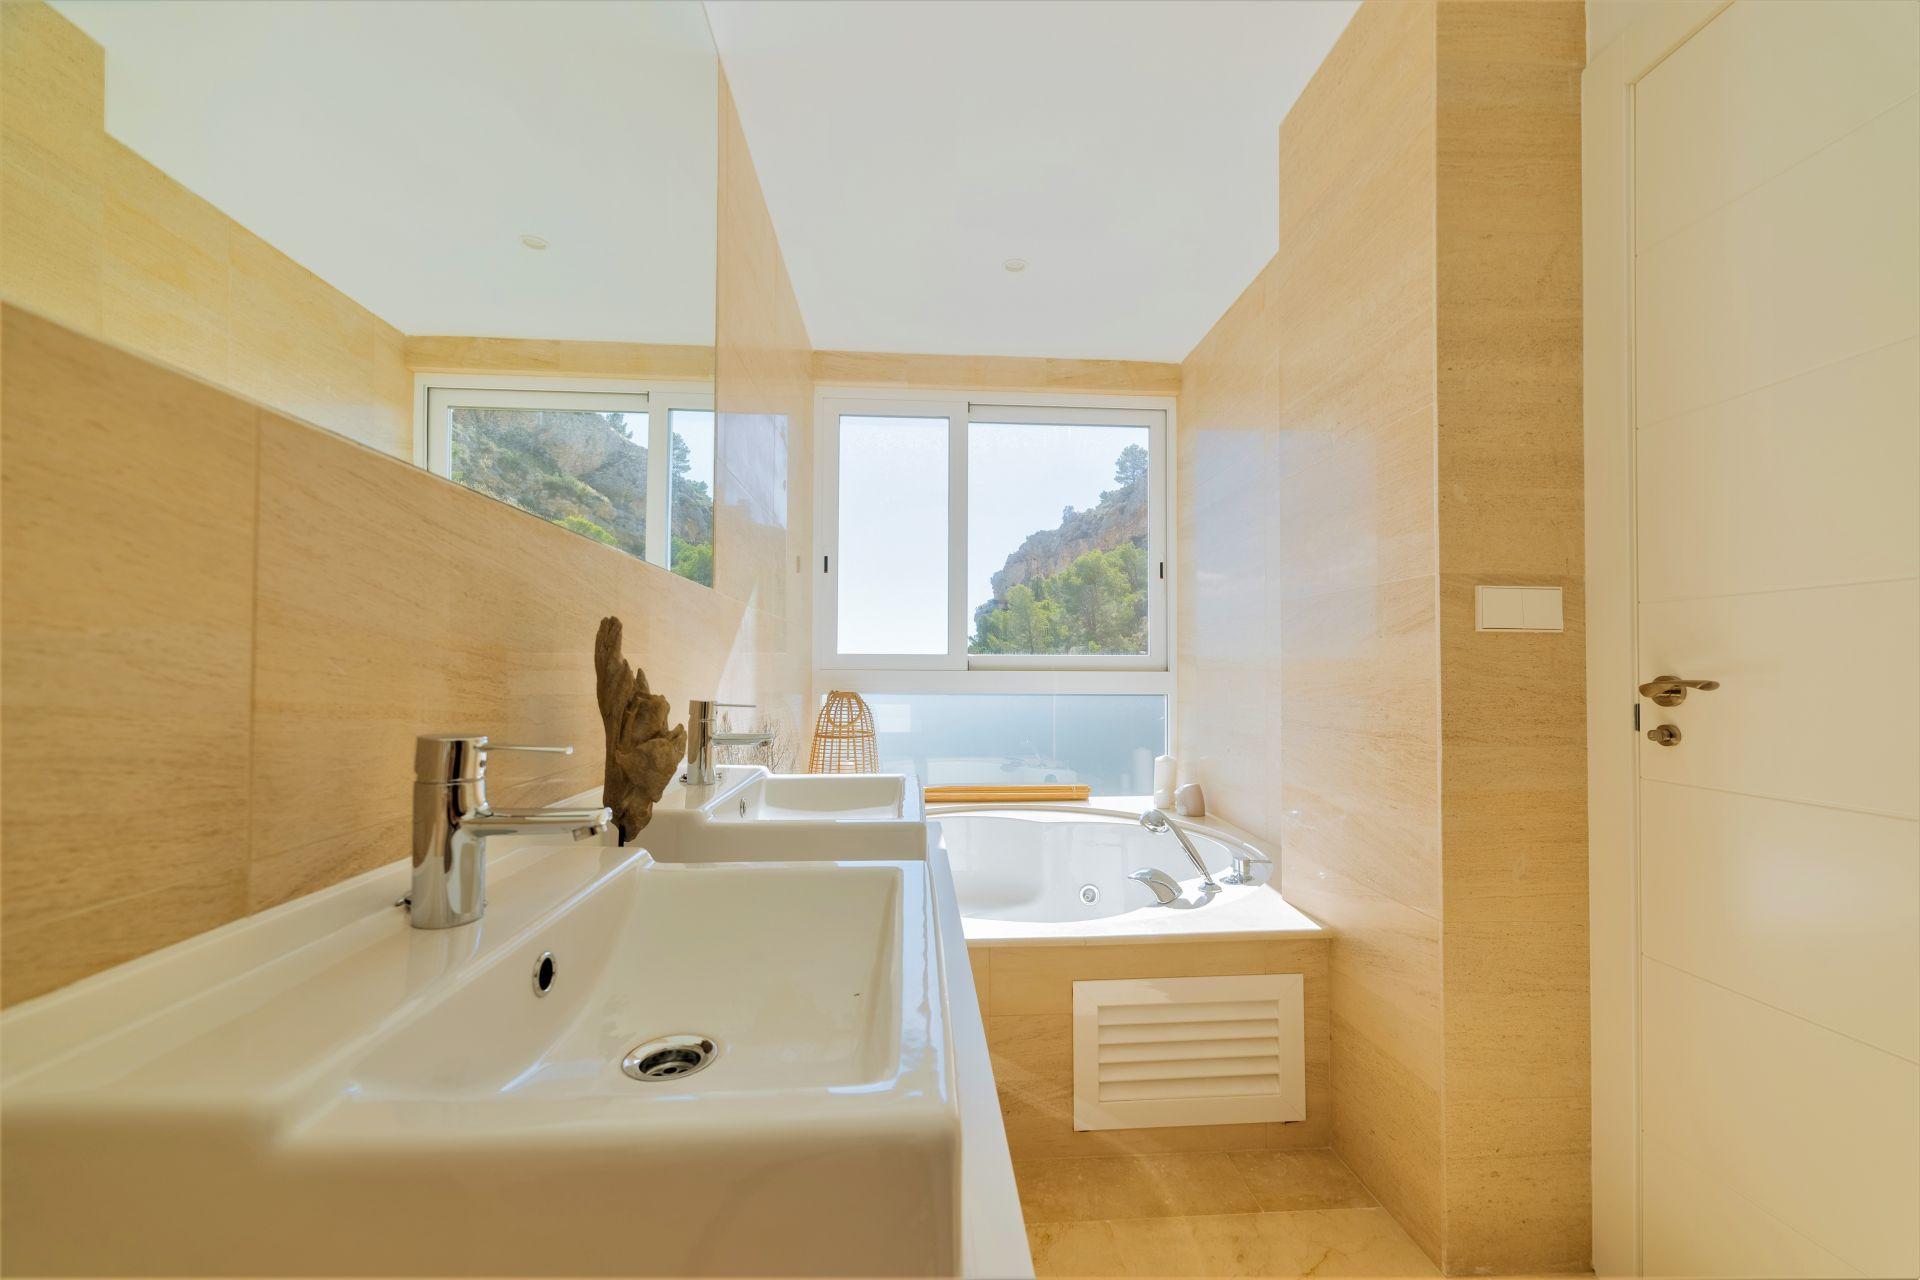 Villas with incredible views to the Mediterranean Sea in Altea 28